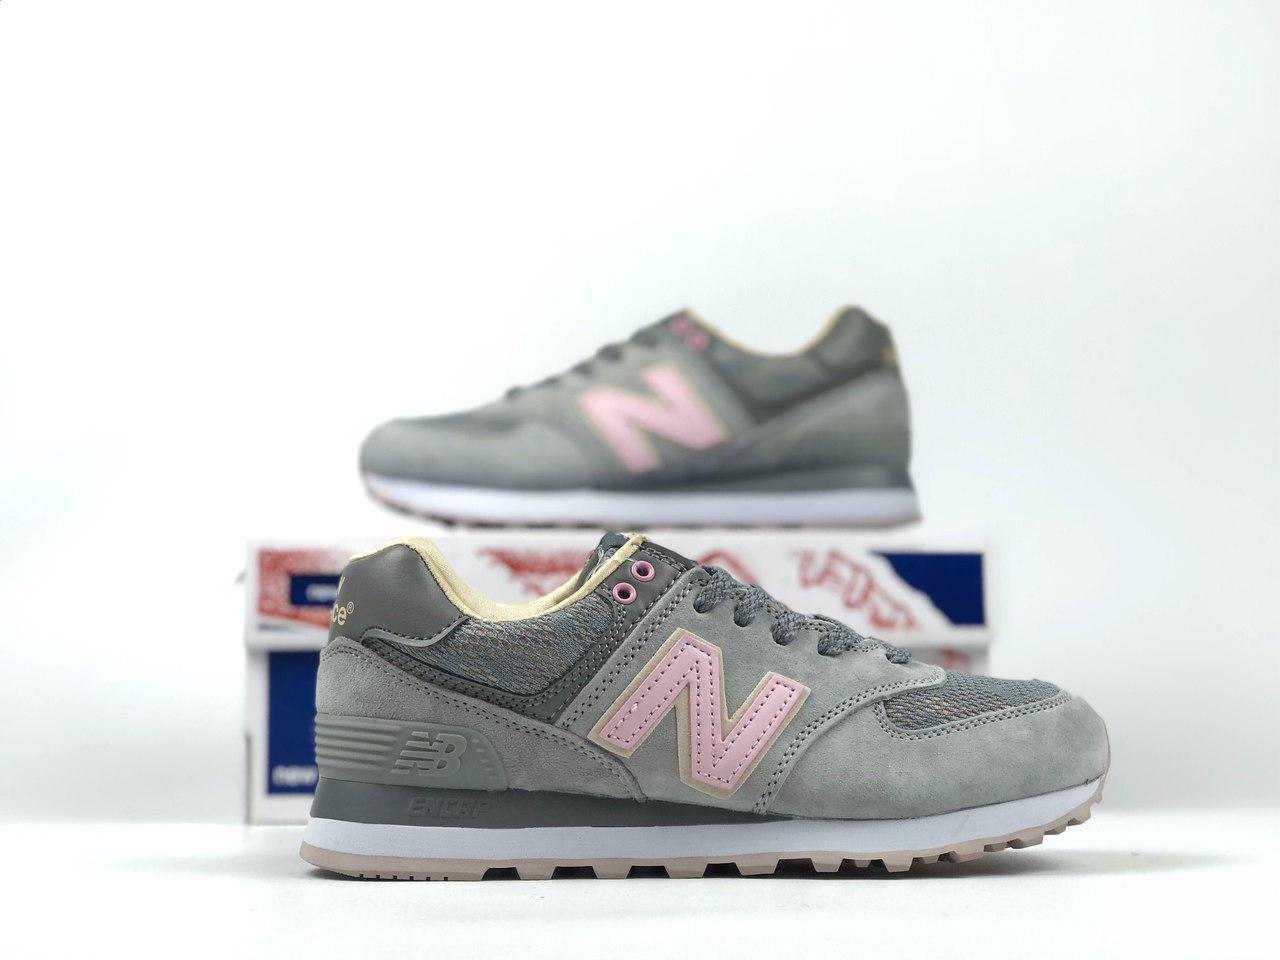 6487713f New Balance 574 Nouveau Lace Pack   женские кроссовки: продажа, цена ...